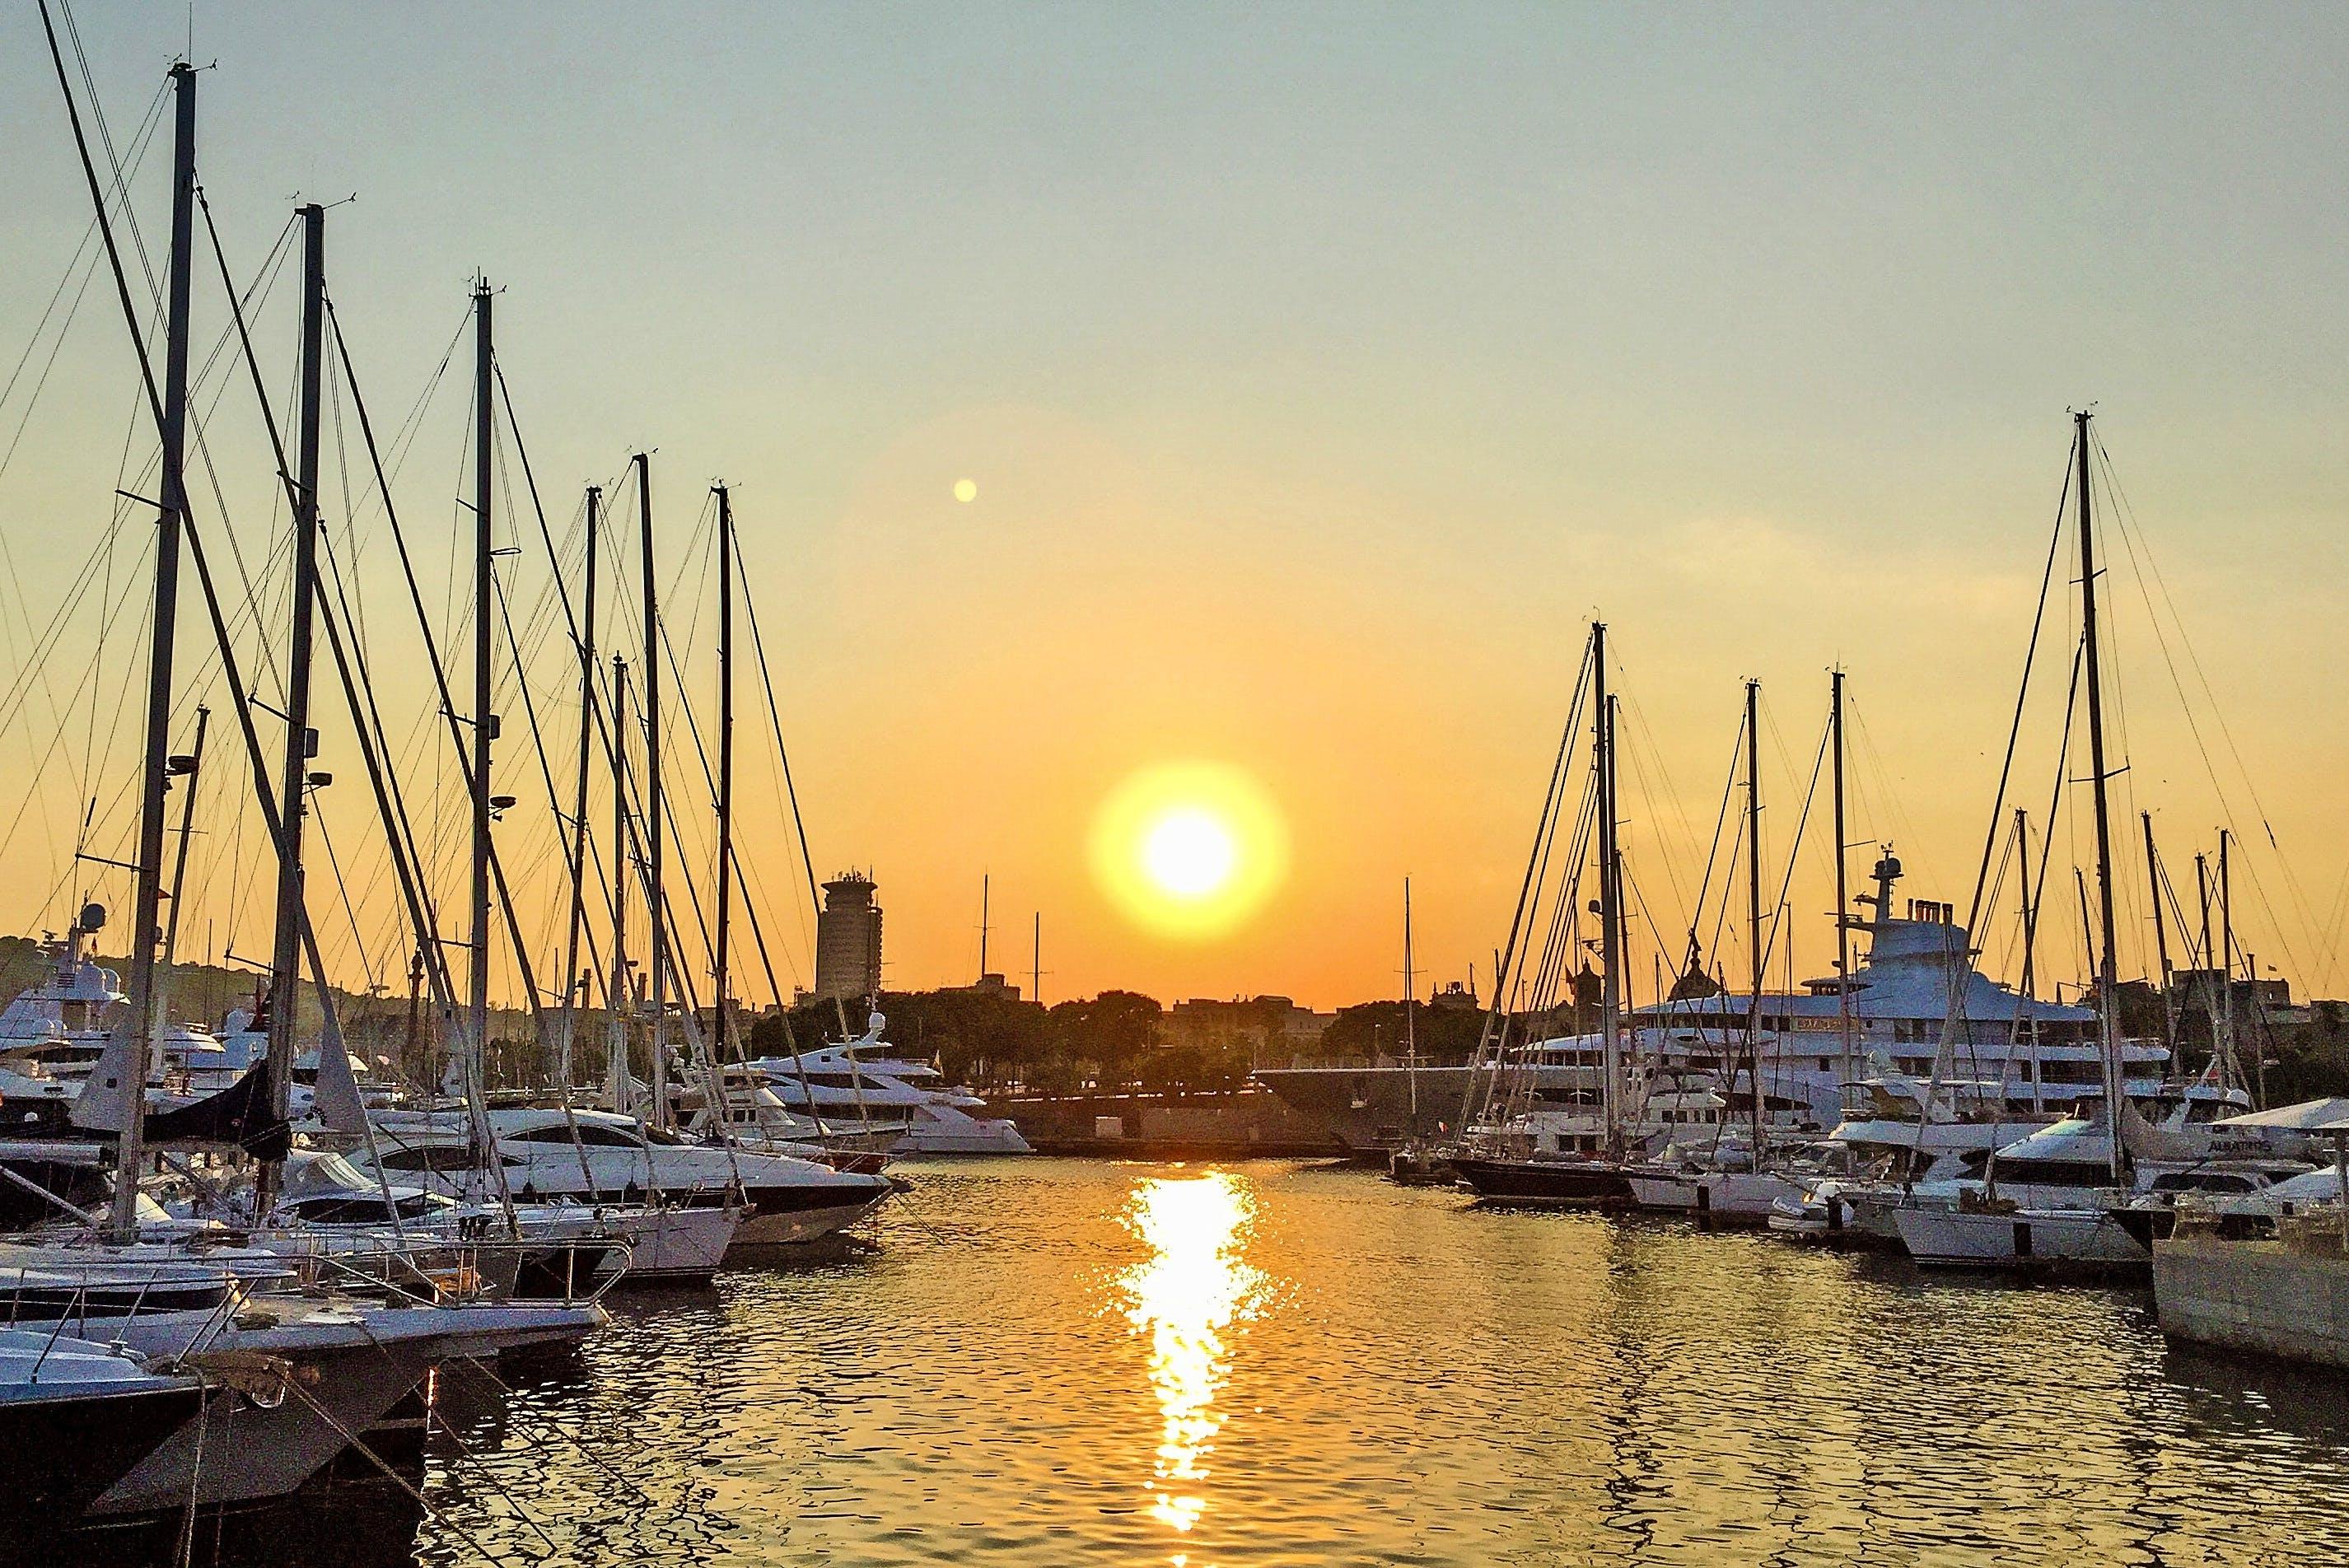 dawn, dusk, harbour